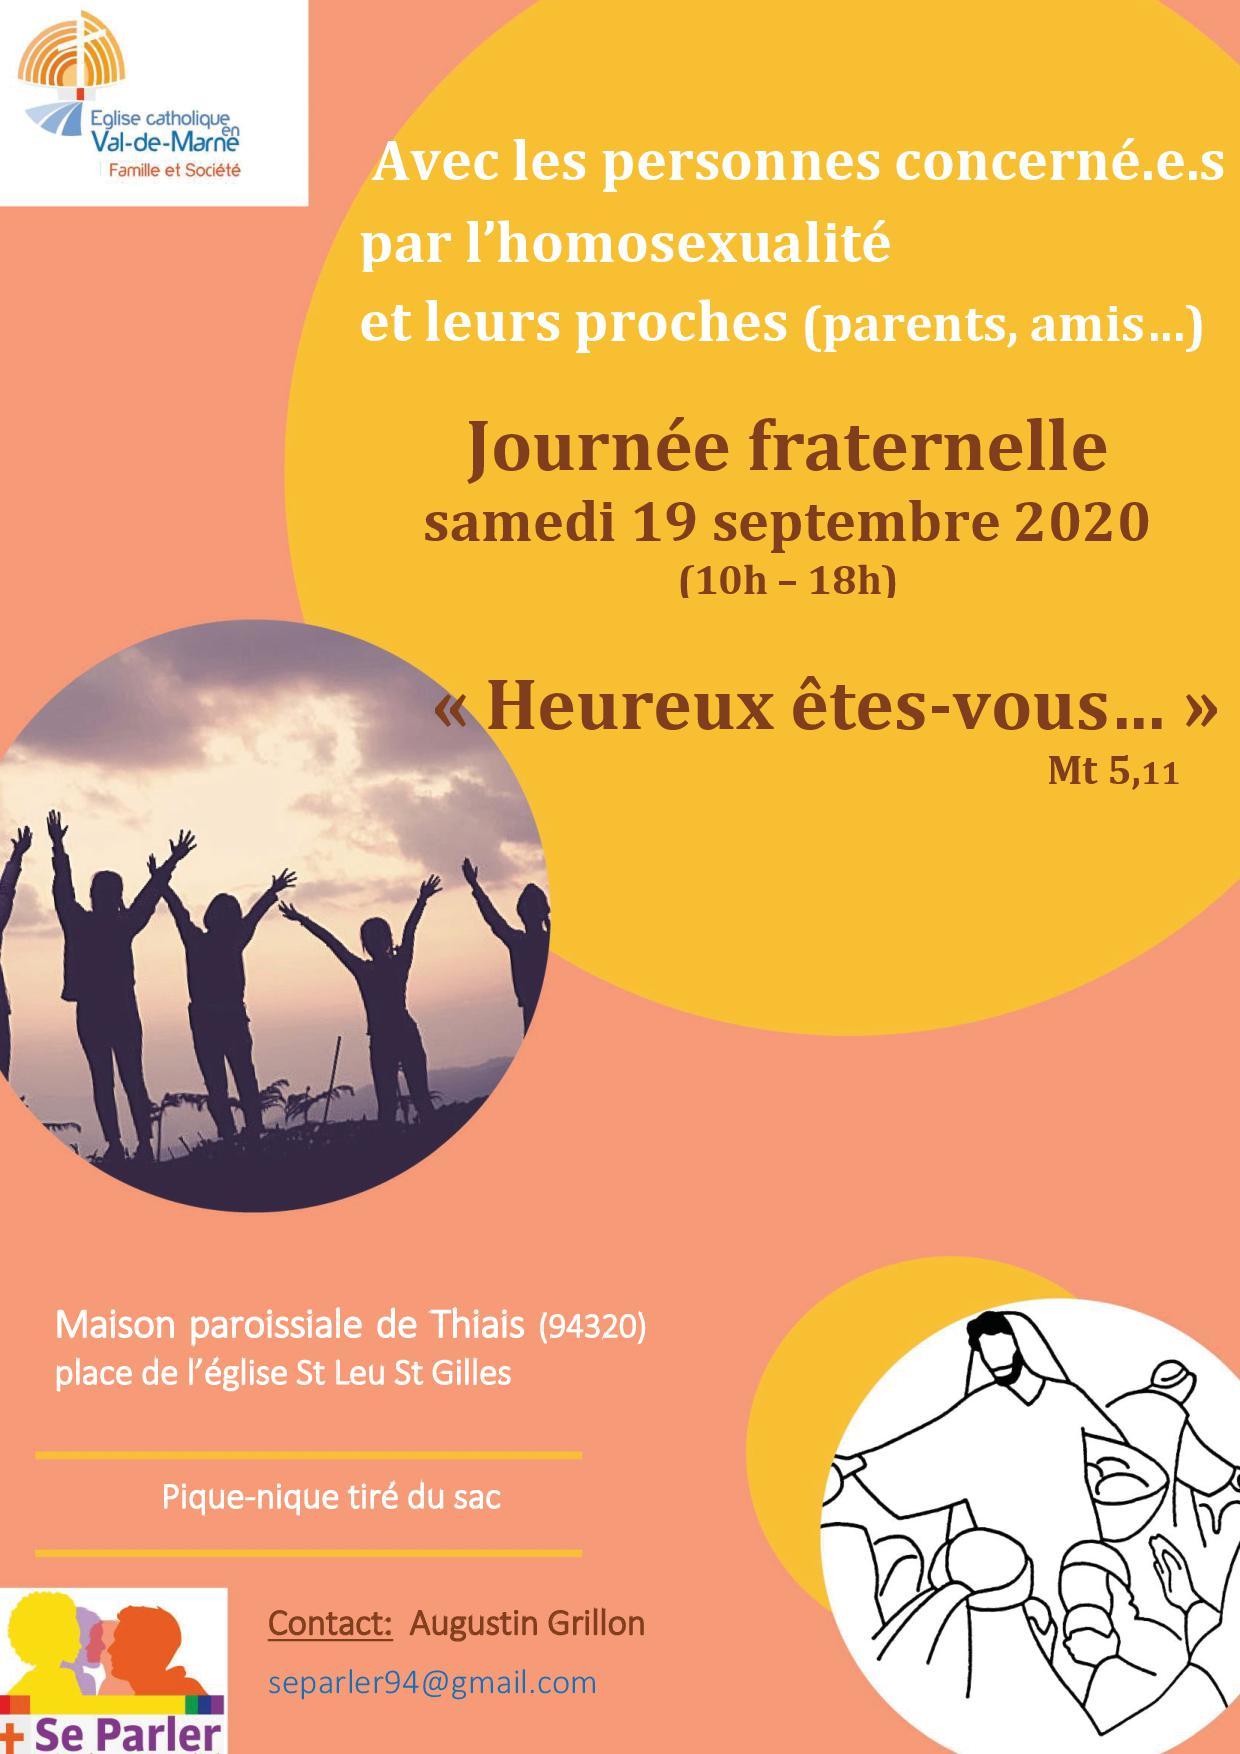 Journée fraternelle samedi 19 septembre  avec les personnes concernées par l'homosexualité et leurs proches